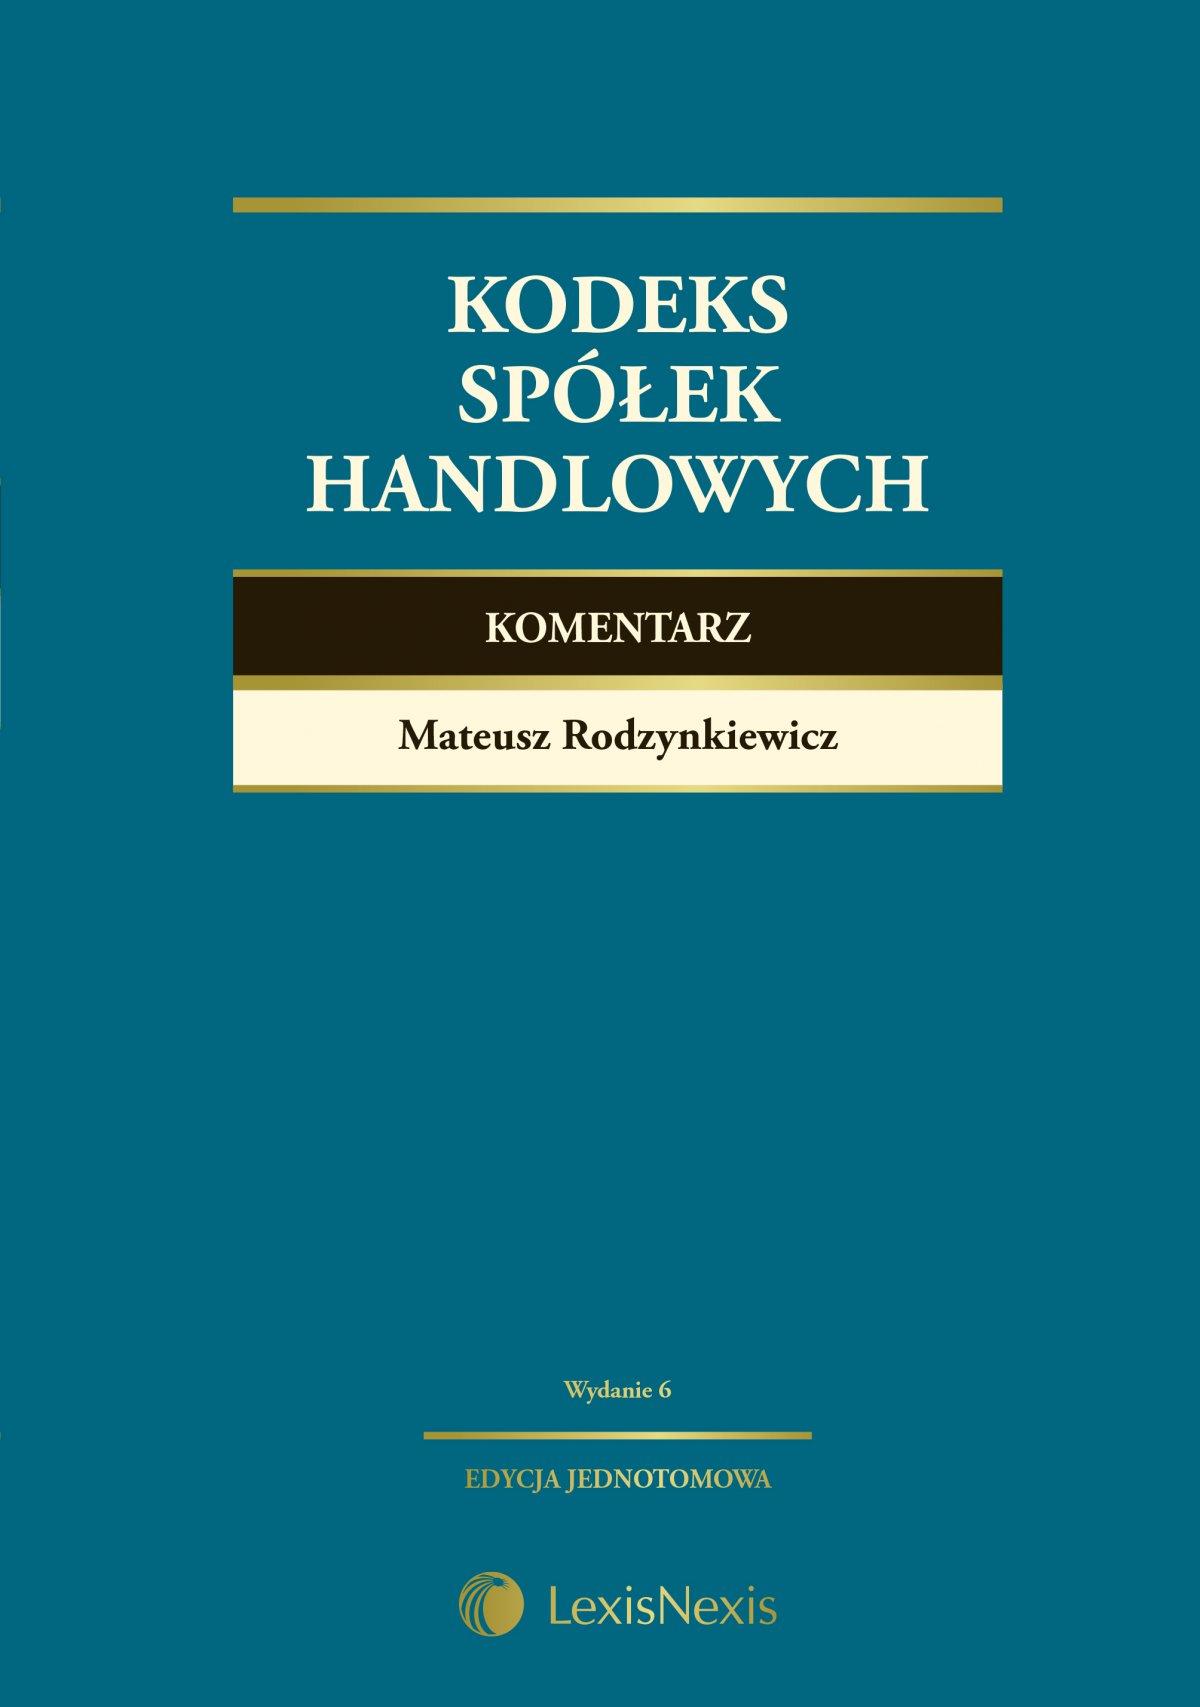 Kodeks spółek handlowych. Komentarz. Wydanie 6 - Ebook (Książka EPUB) do pobrania w formacie EPUB